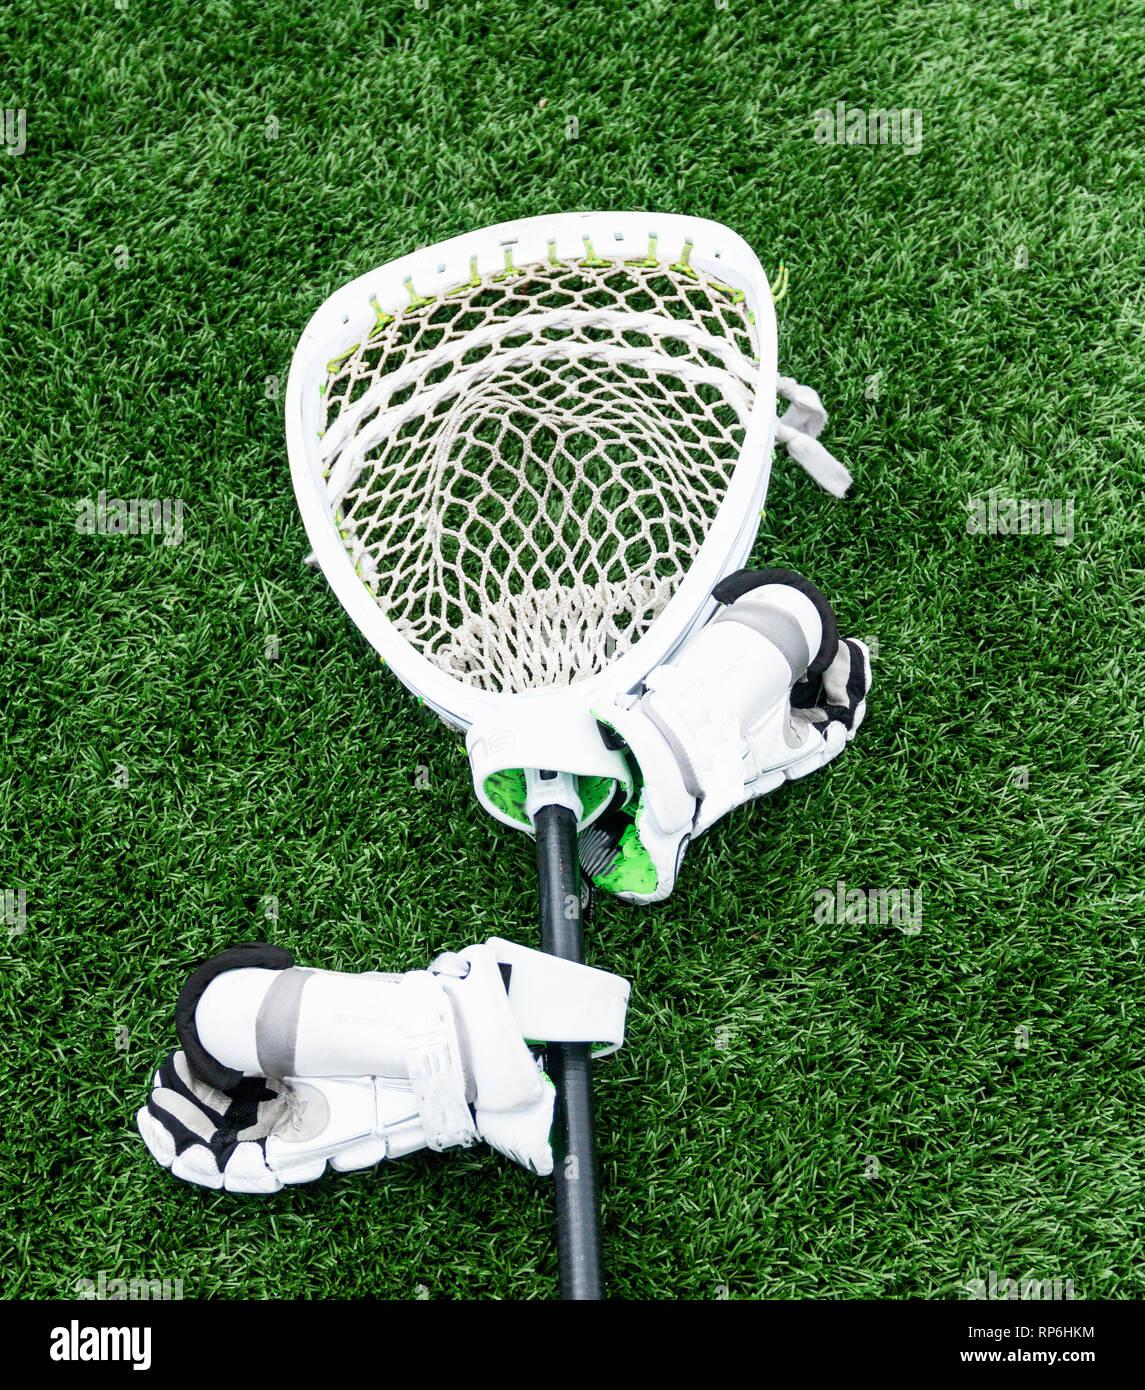 Un bianco lacrosse goalie stick è sdraiato su un tappeto erboso verde campo con i guanti bianchi attaccato. Immagini Stock